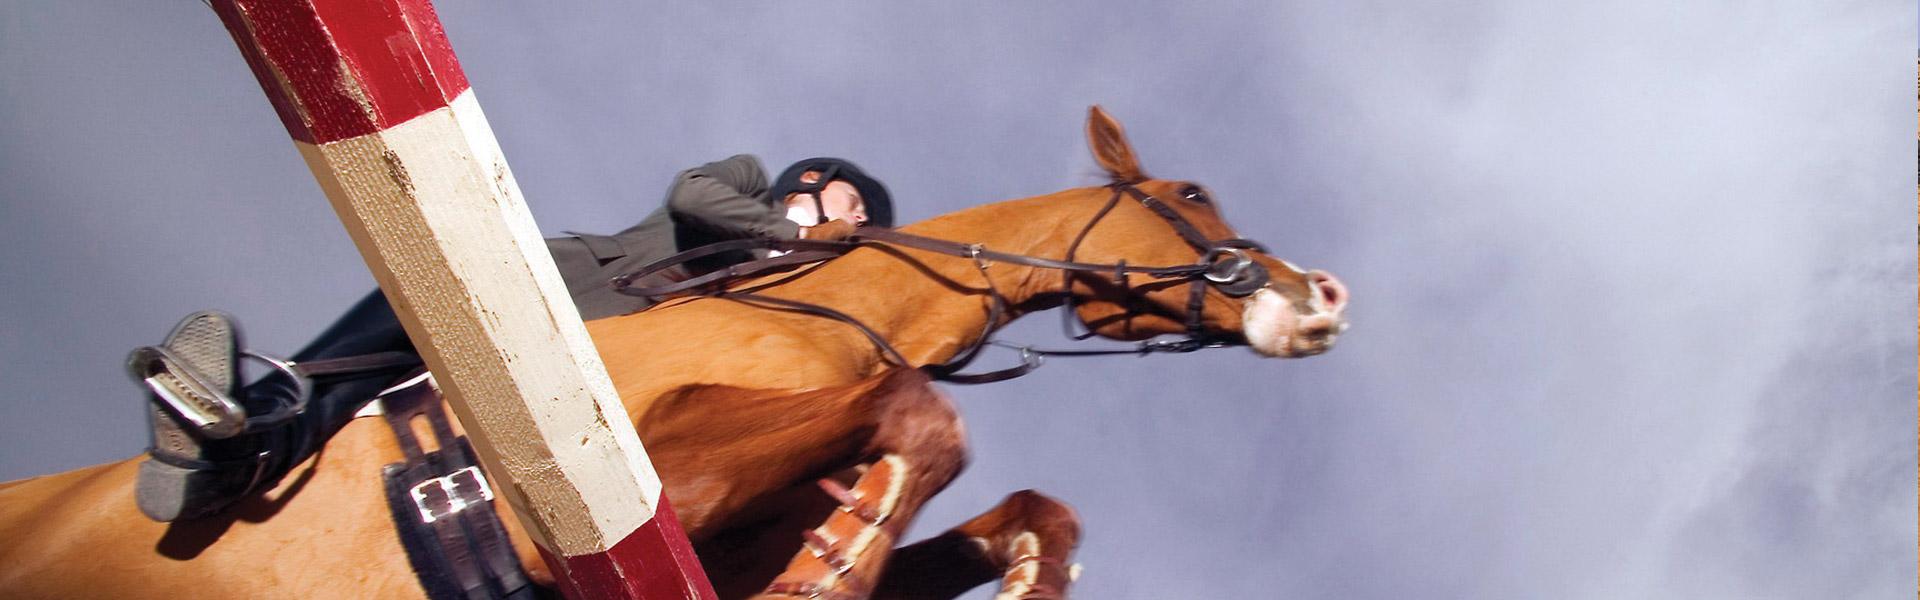 htbta_mainbanner_equestrian